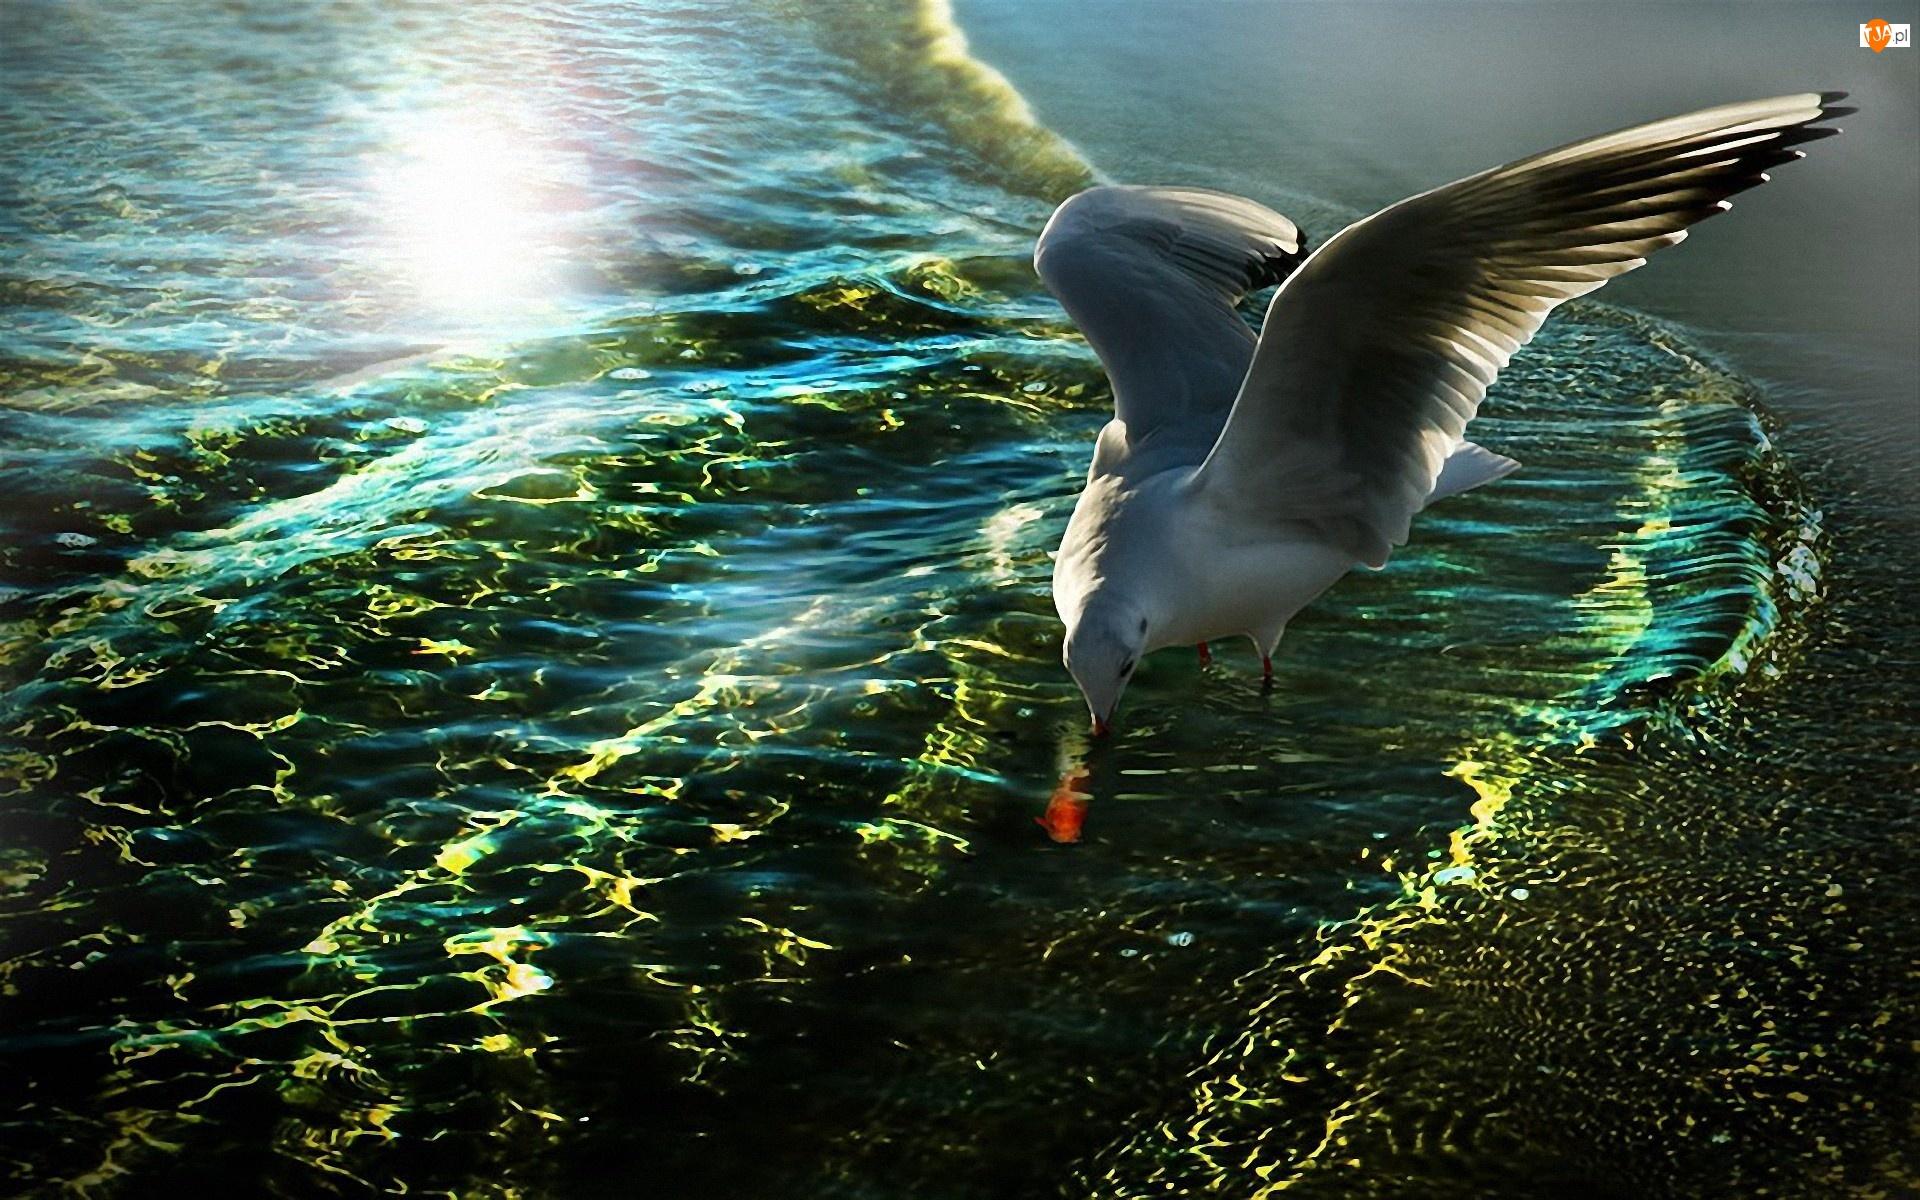 Mewa, Blask, Polowanie, Morze